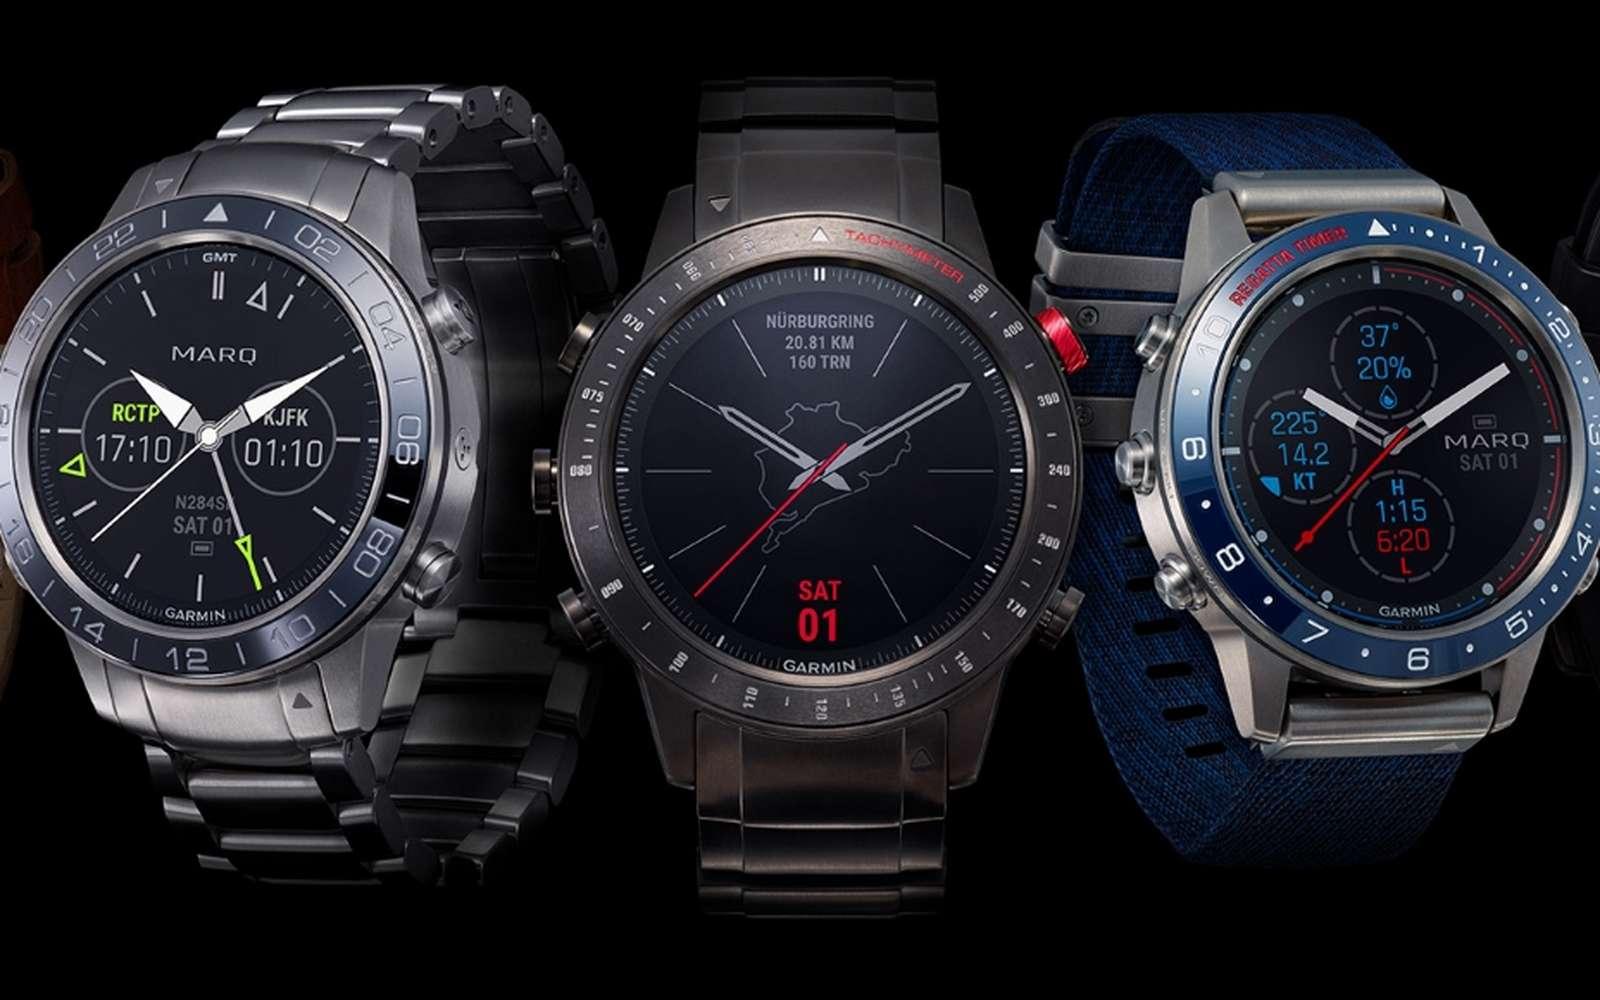 Avec sa gamme Marq, Garmin mise sur le segment du luxe où les smartwatchs ont du mal à faire leur nid. La marque compte sur sa réputation de fiabilité pour promouvoir des modèles coûteux. © Garmin